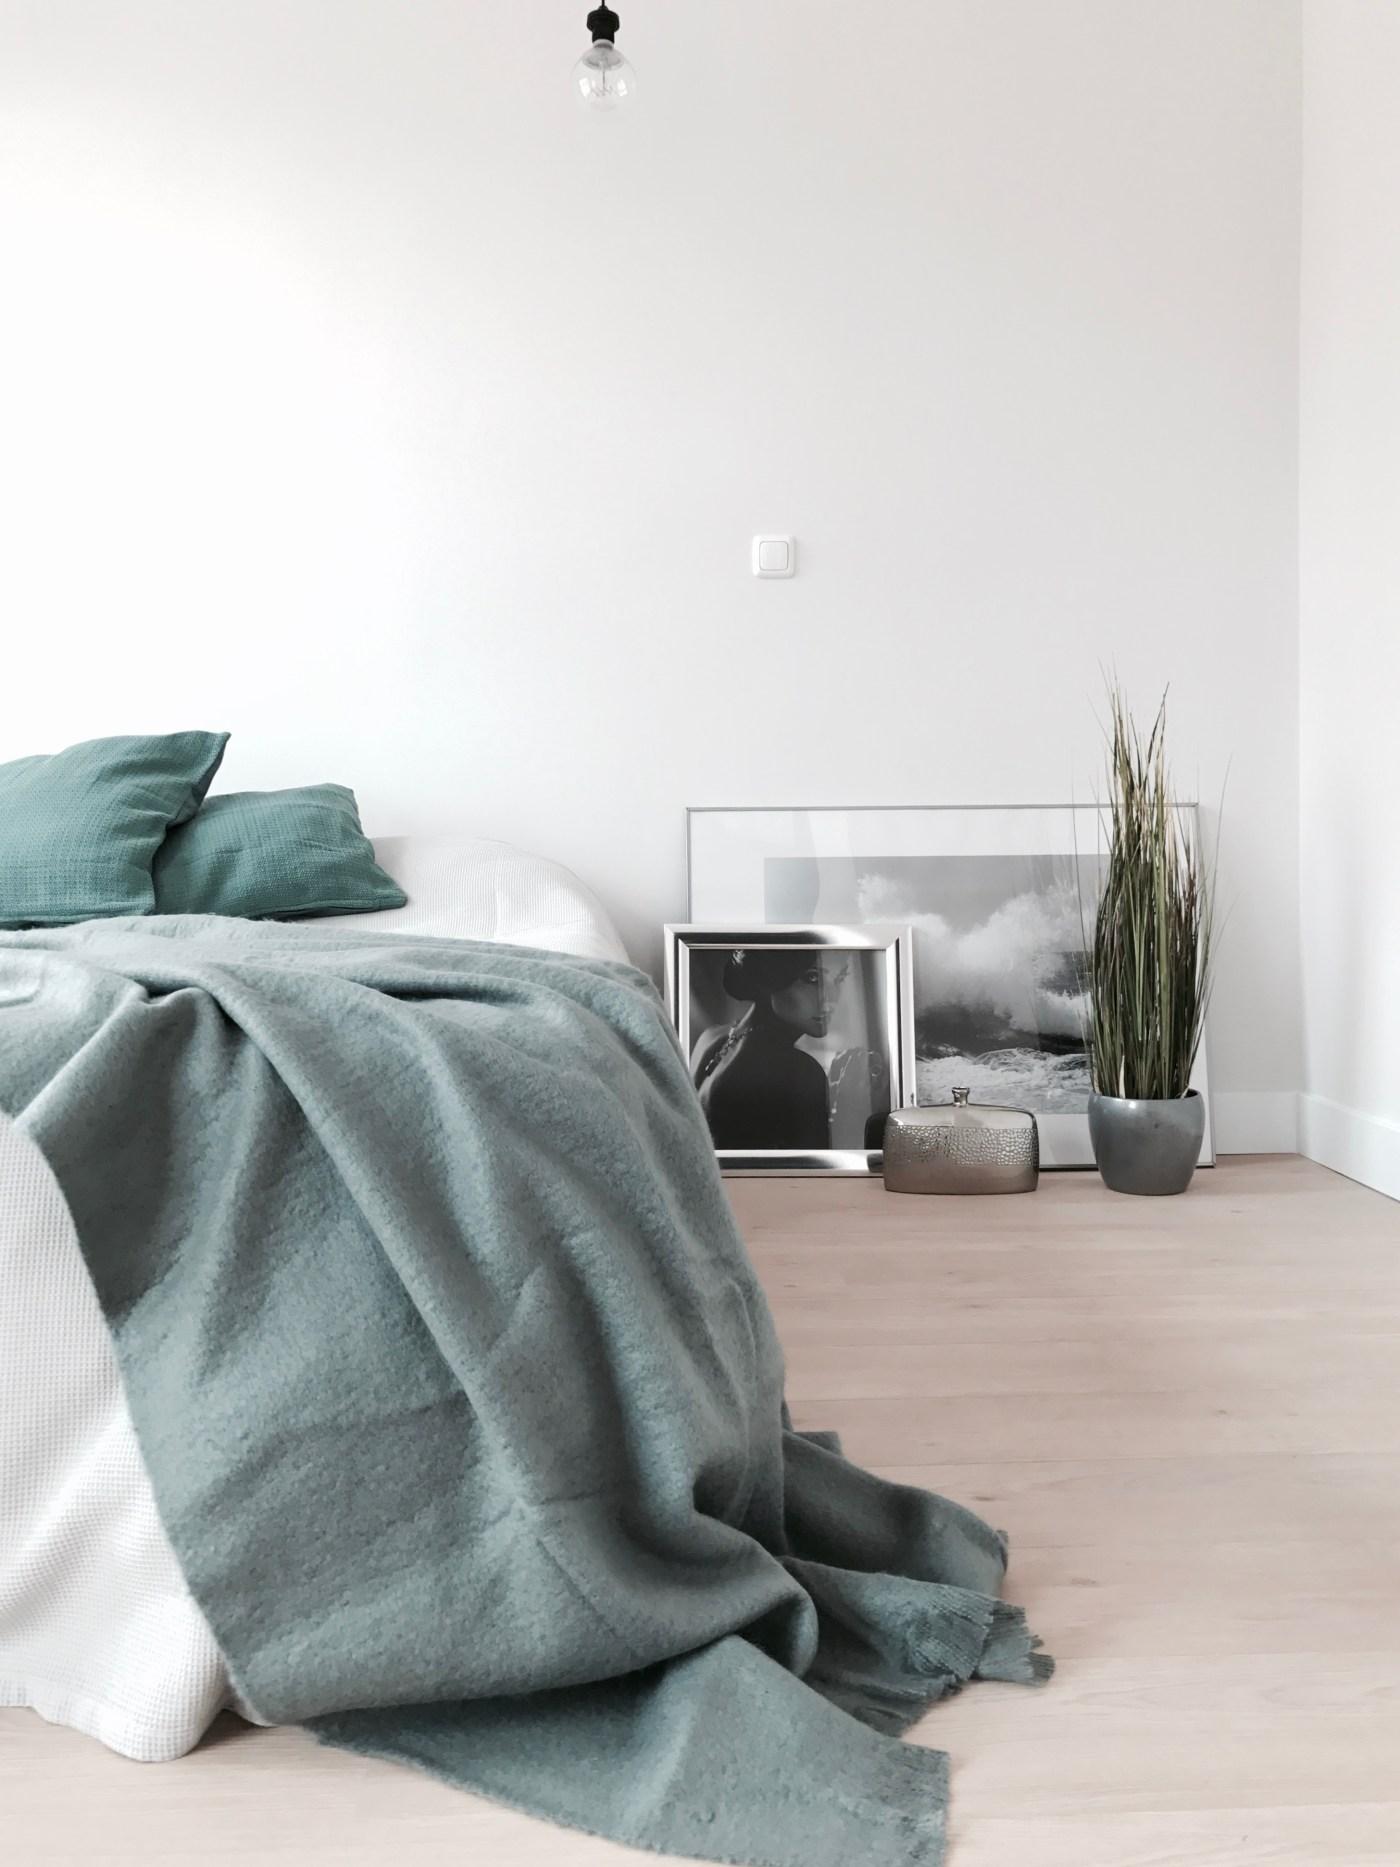 verkoopstyling, Rotterdam, wonen, styling, interieurstyling, interieuradvies, vastgoedstyling, vastgoed, verkoop, makelaardij, Crooswijk